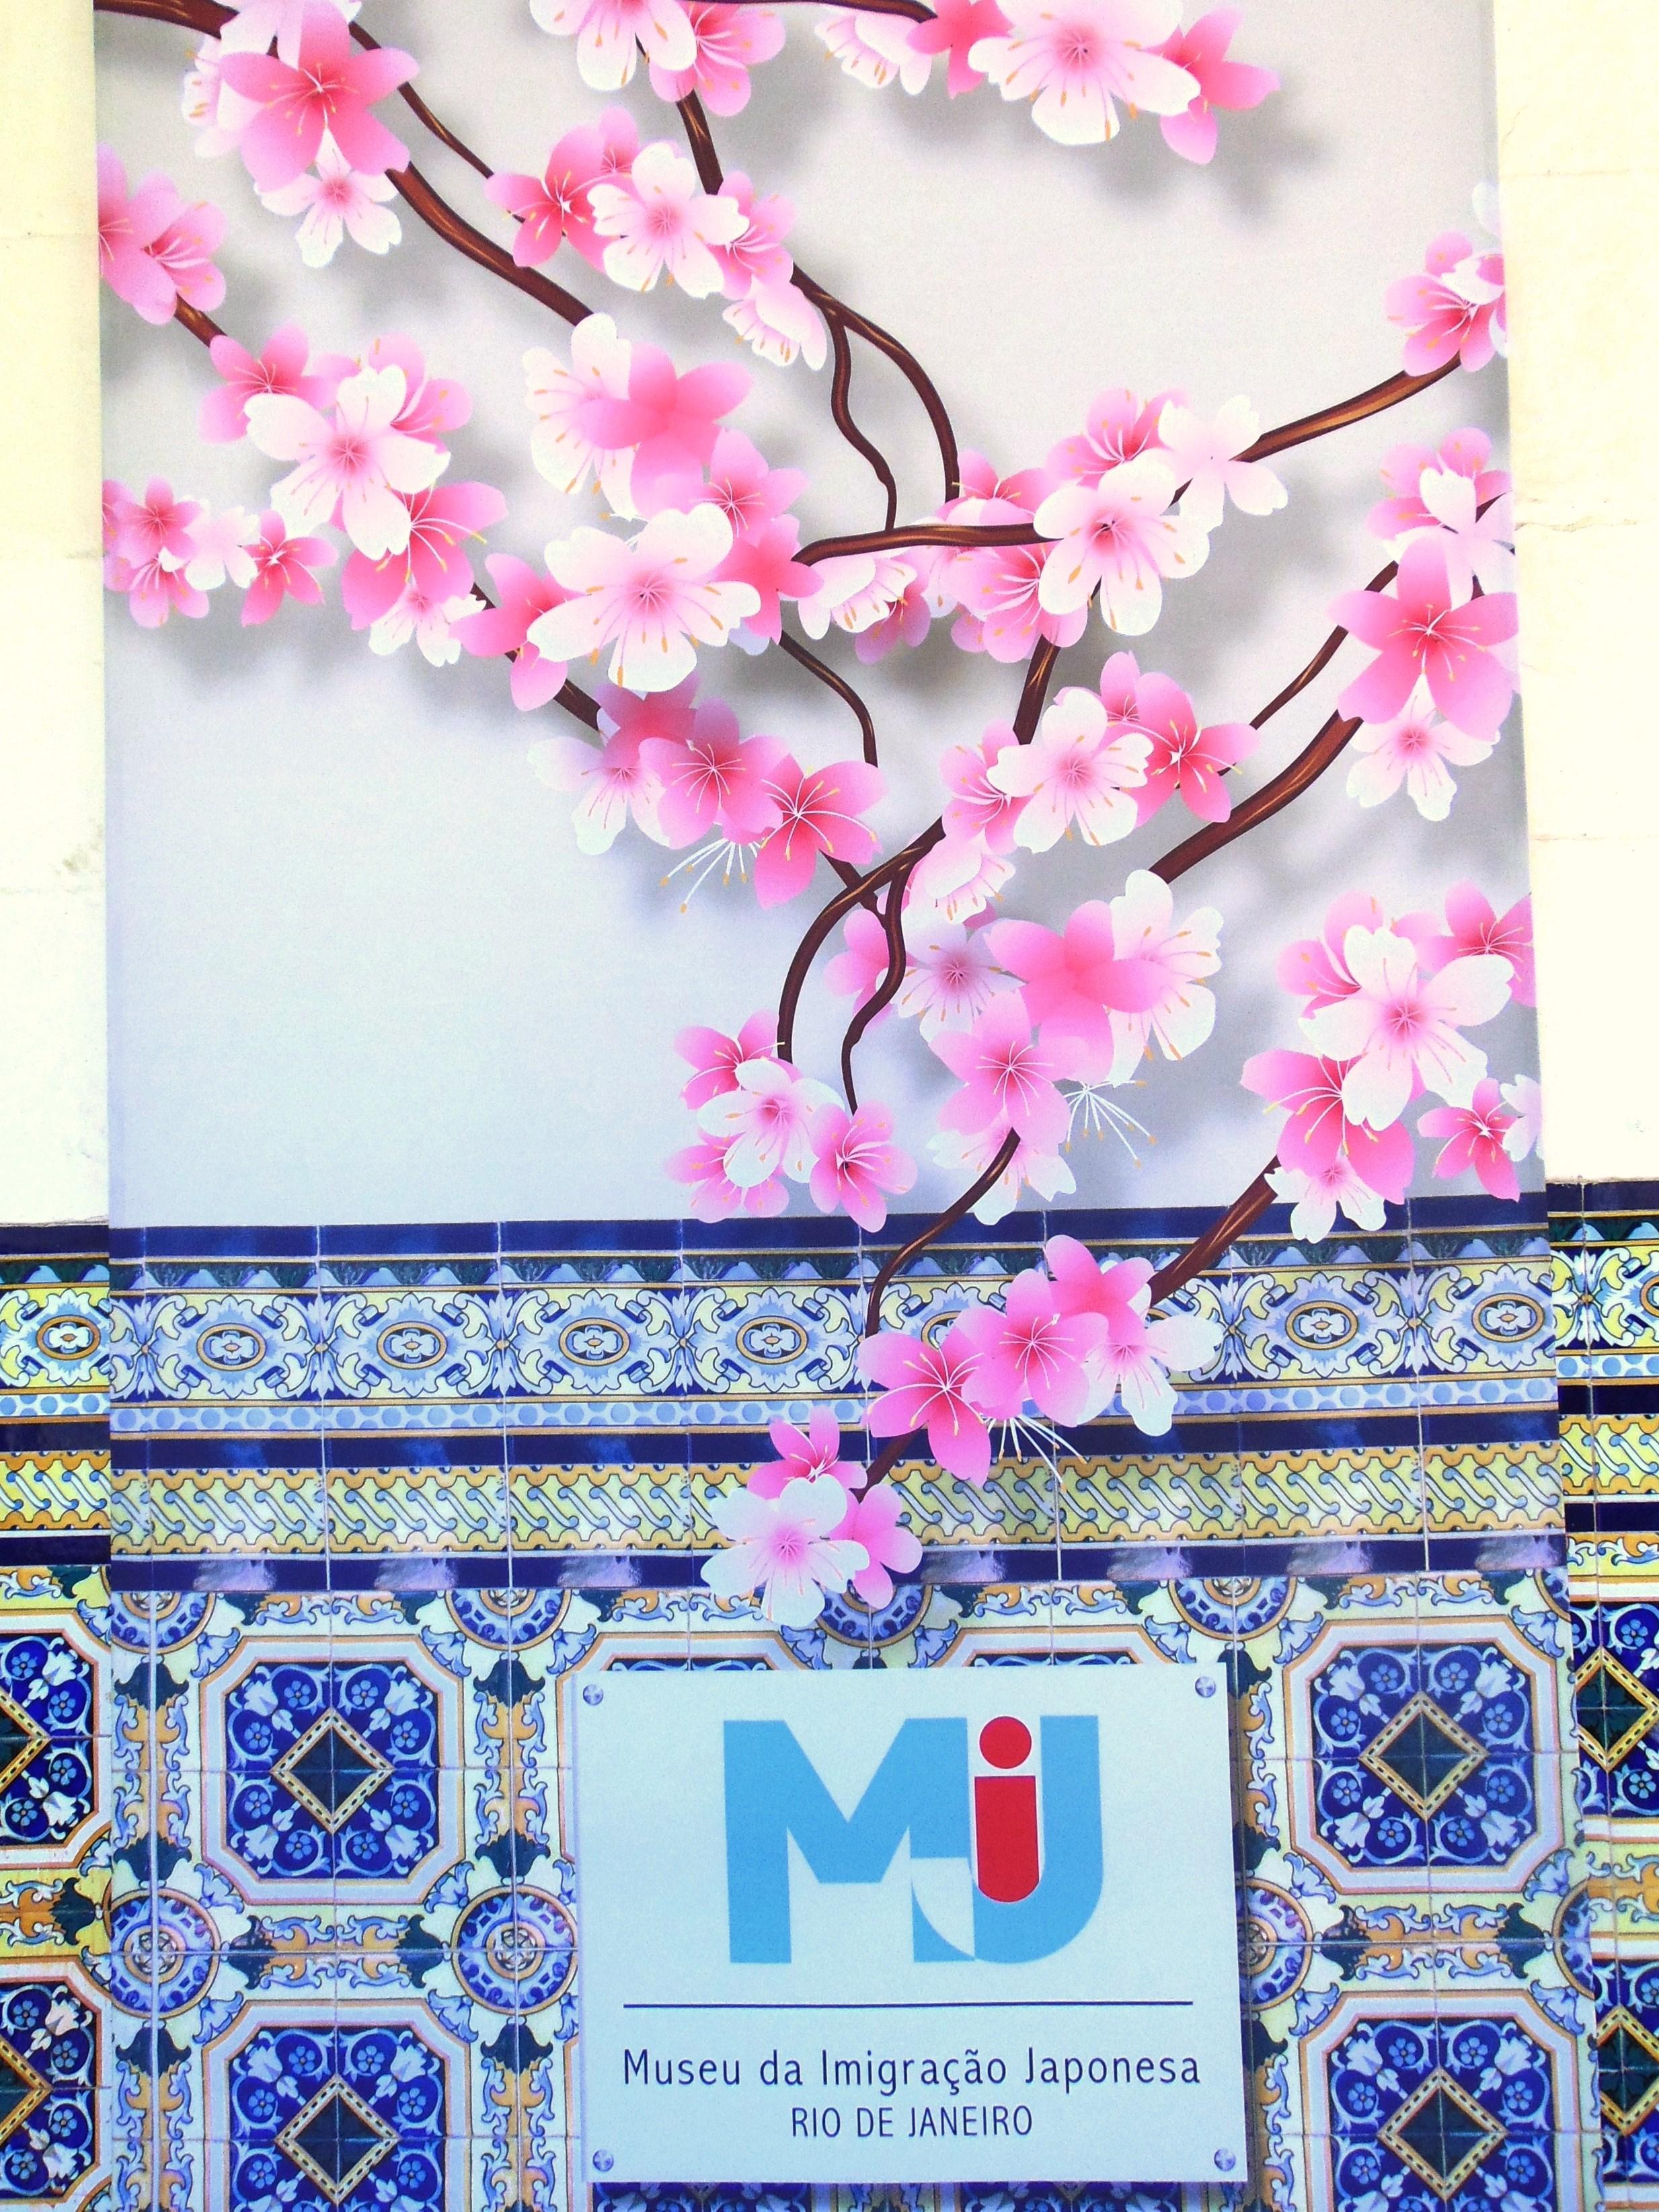 INAUGURAÇÃO DO MUSEU DA IMIGRAÇÃO JAPONESA - RIO DE JANEIRO